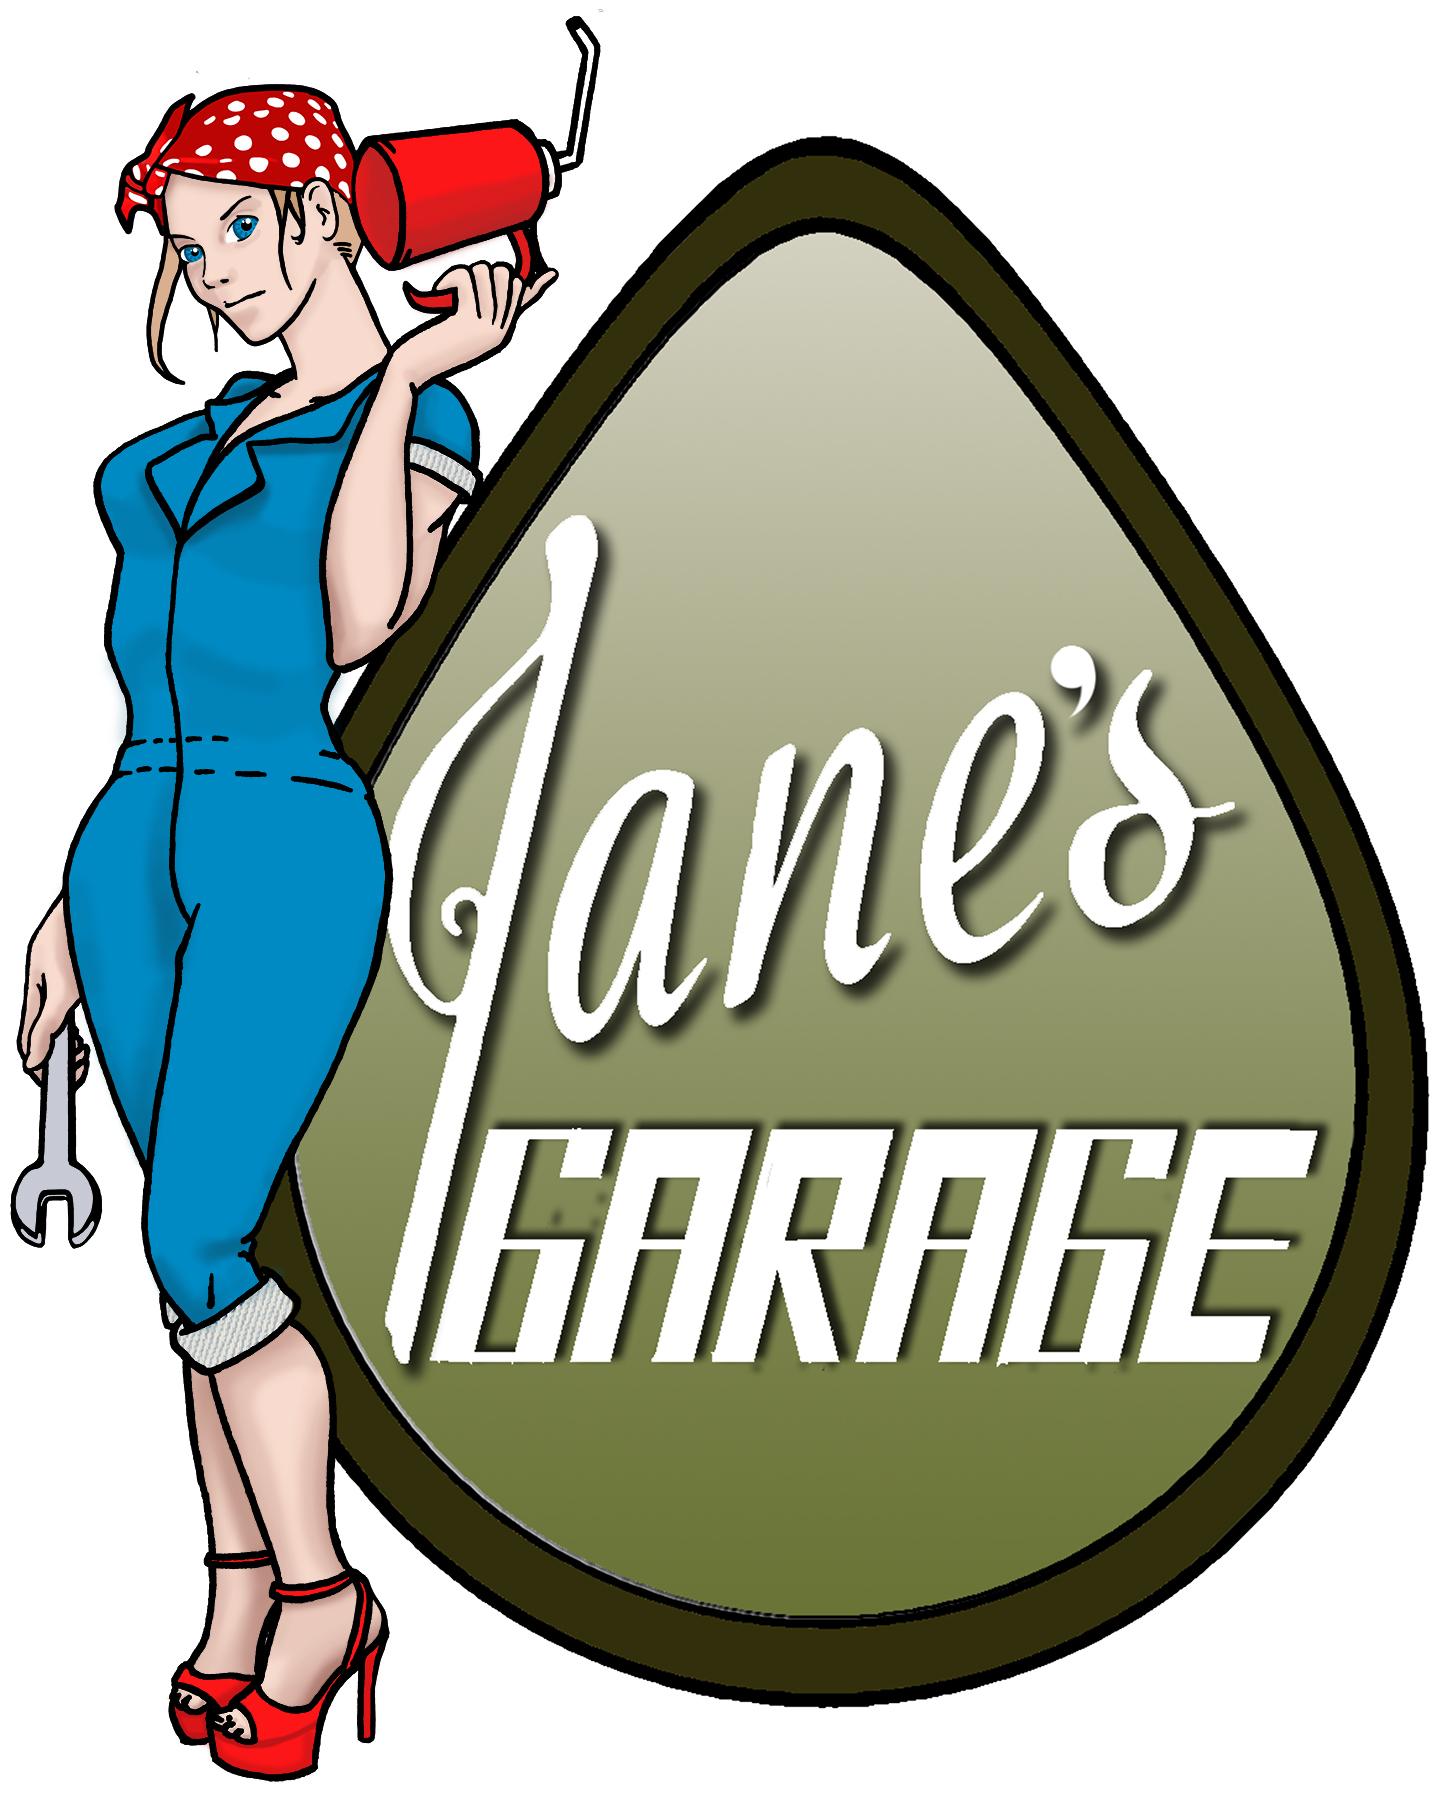 Jane's Garage LLC image 2